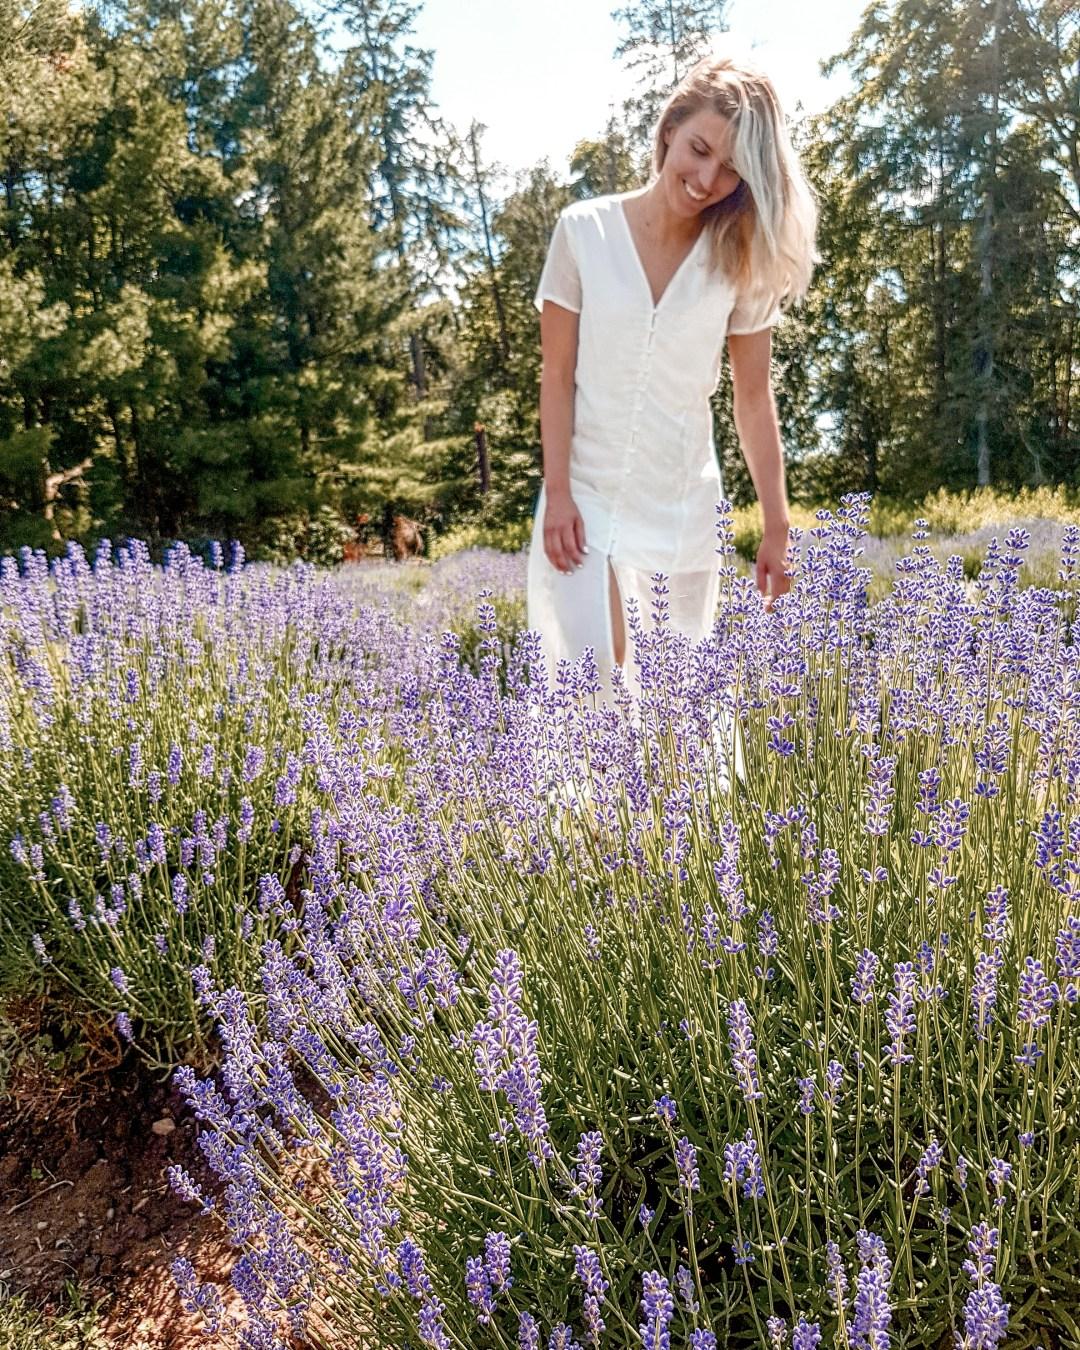 Girl walking in a lavender field